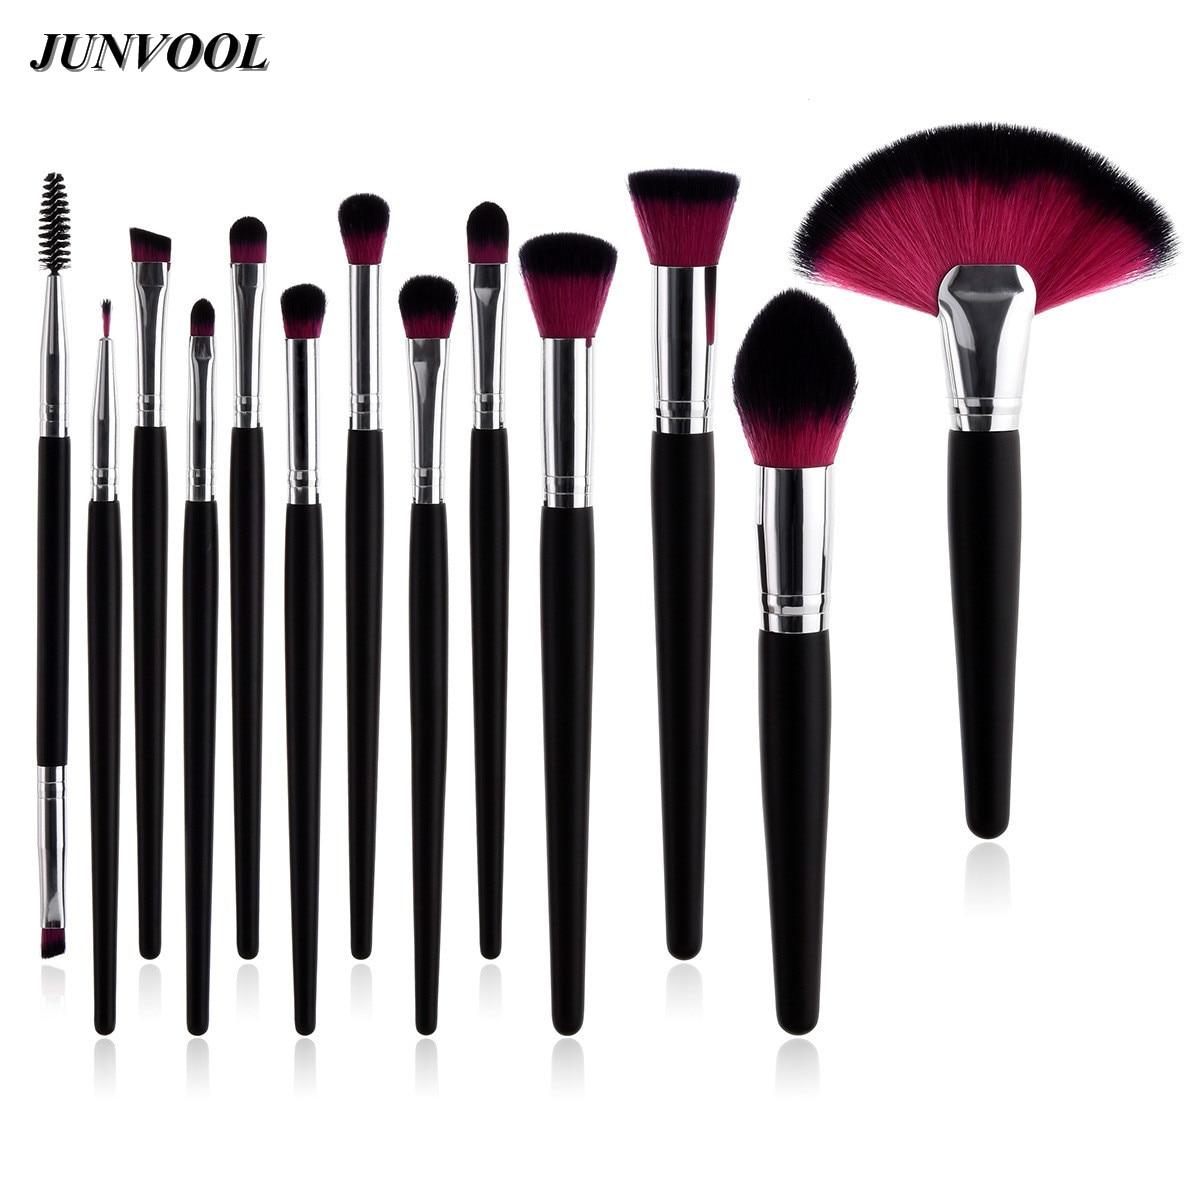 Pro 13Pcs Eye Makeup Brushes Kit Power Foundation Beauty Cosmetic Tools Double Ended EyeShadow Eyelash Blush Blending Fan Brush